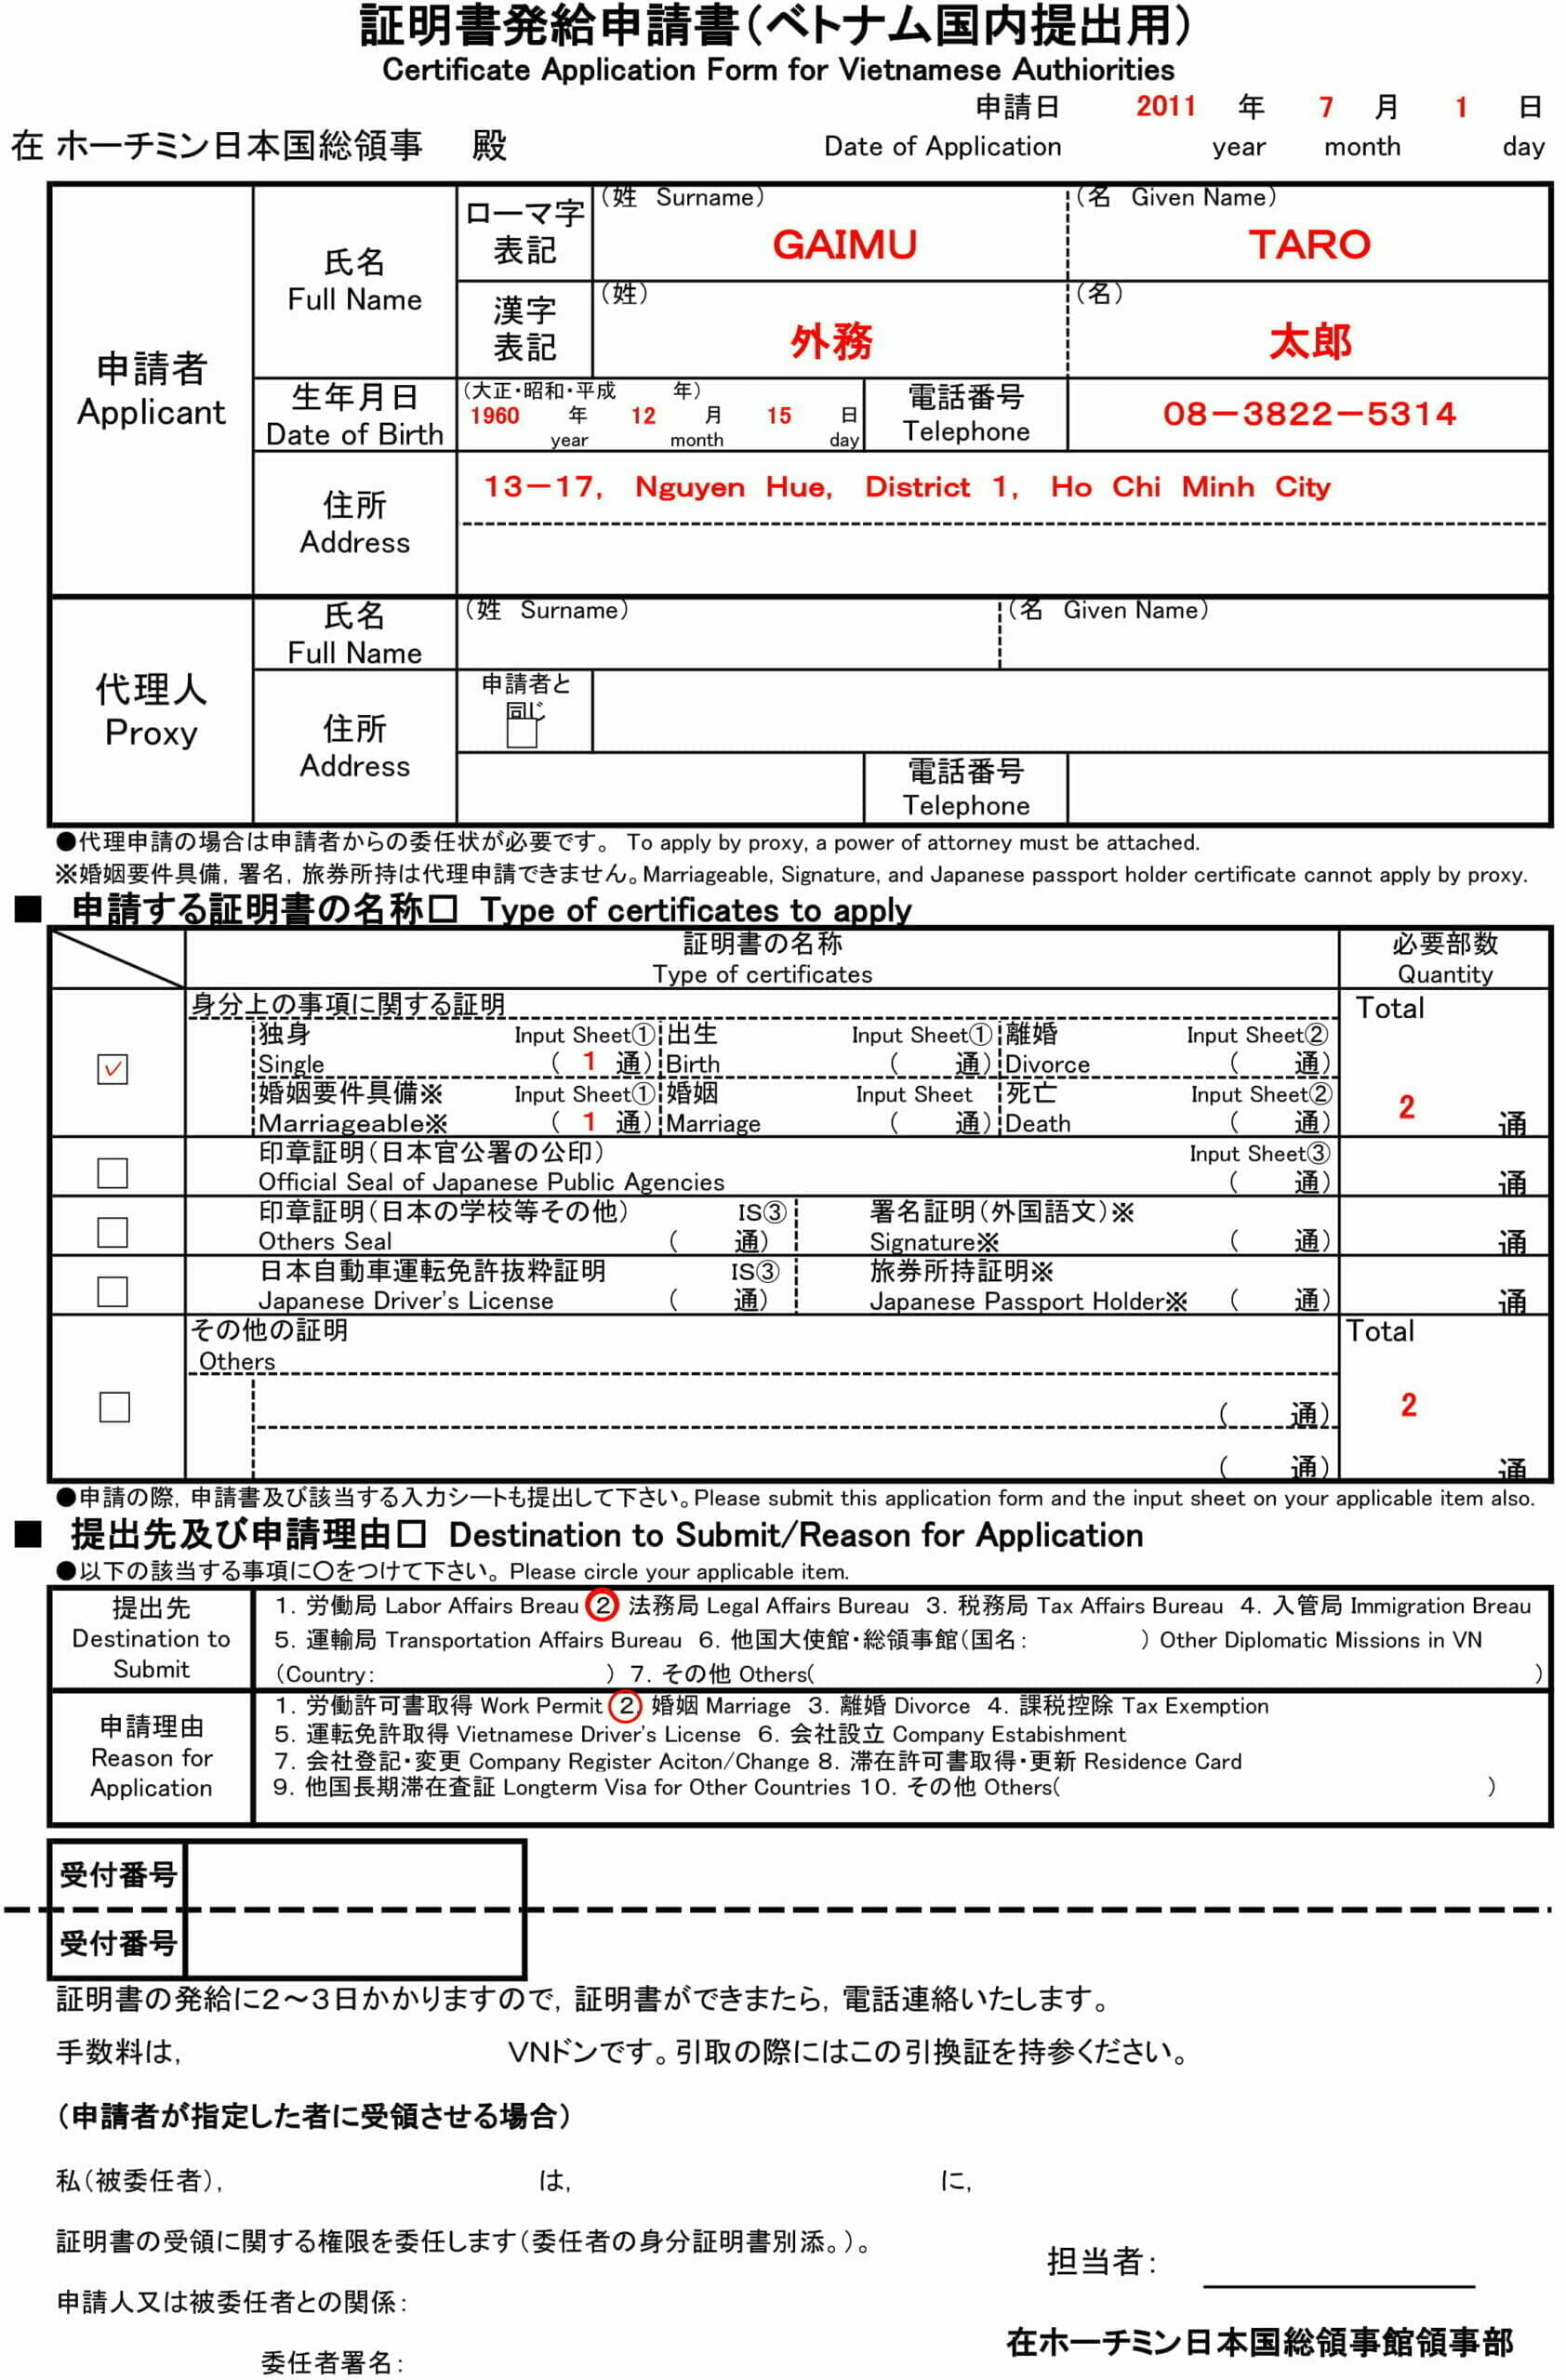 婚姻要件具備証明書の申請用紙(サンプル)